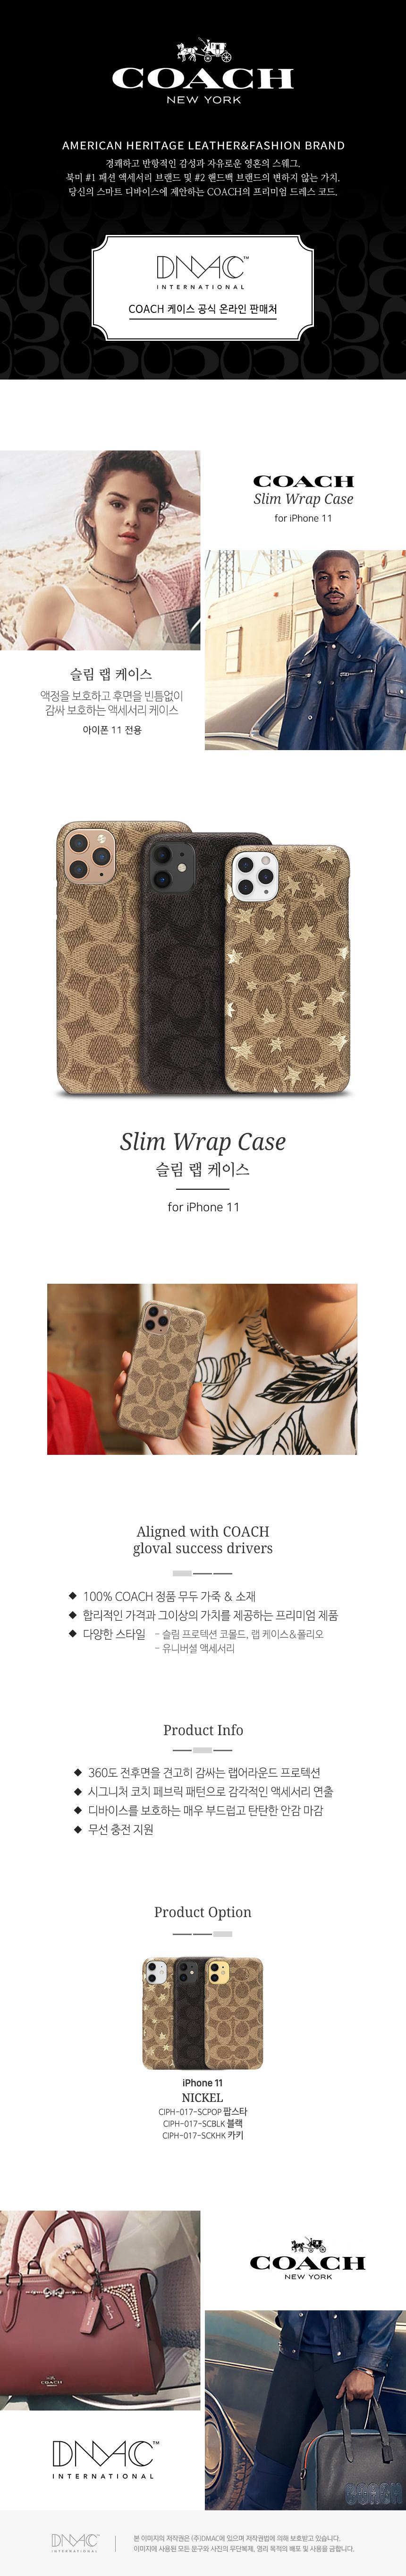 Slim-Wrap-Case_iPhone11